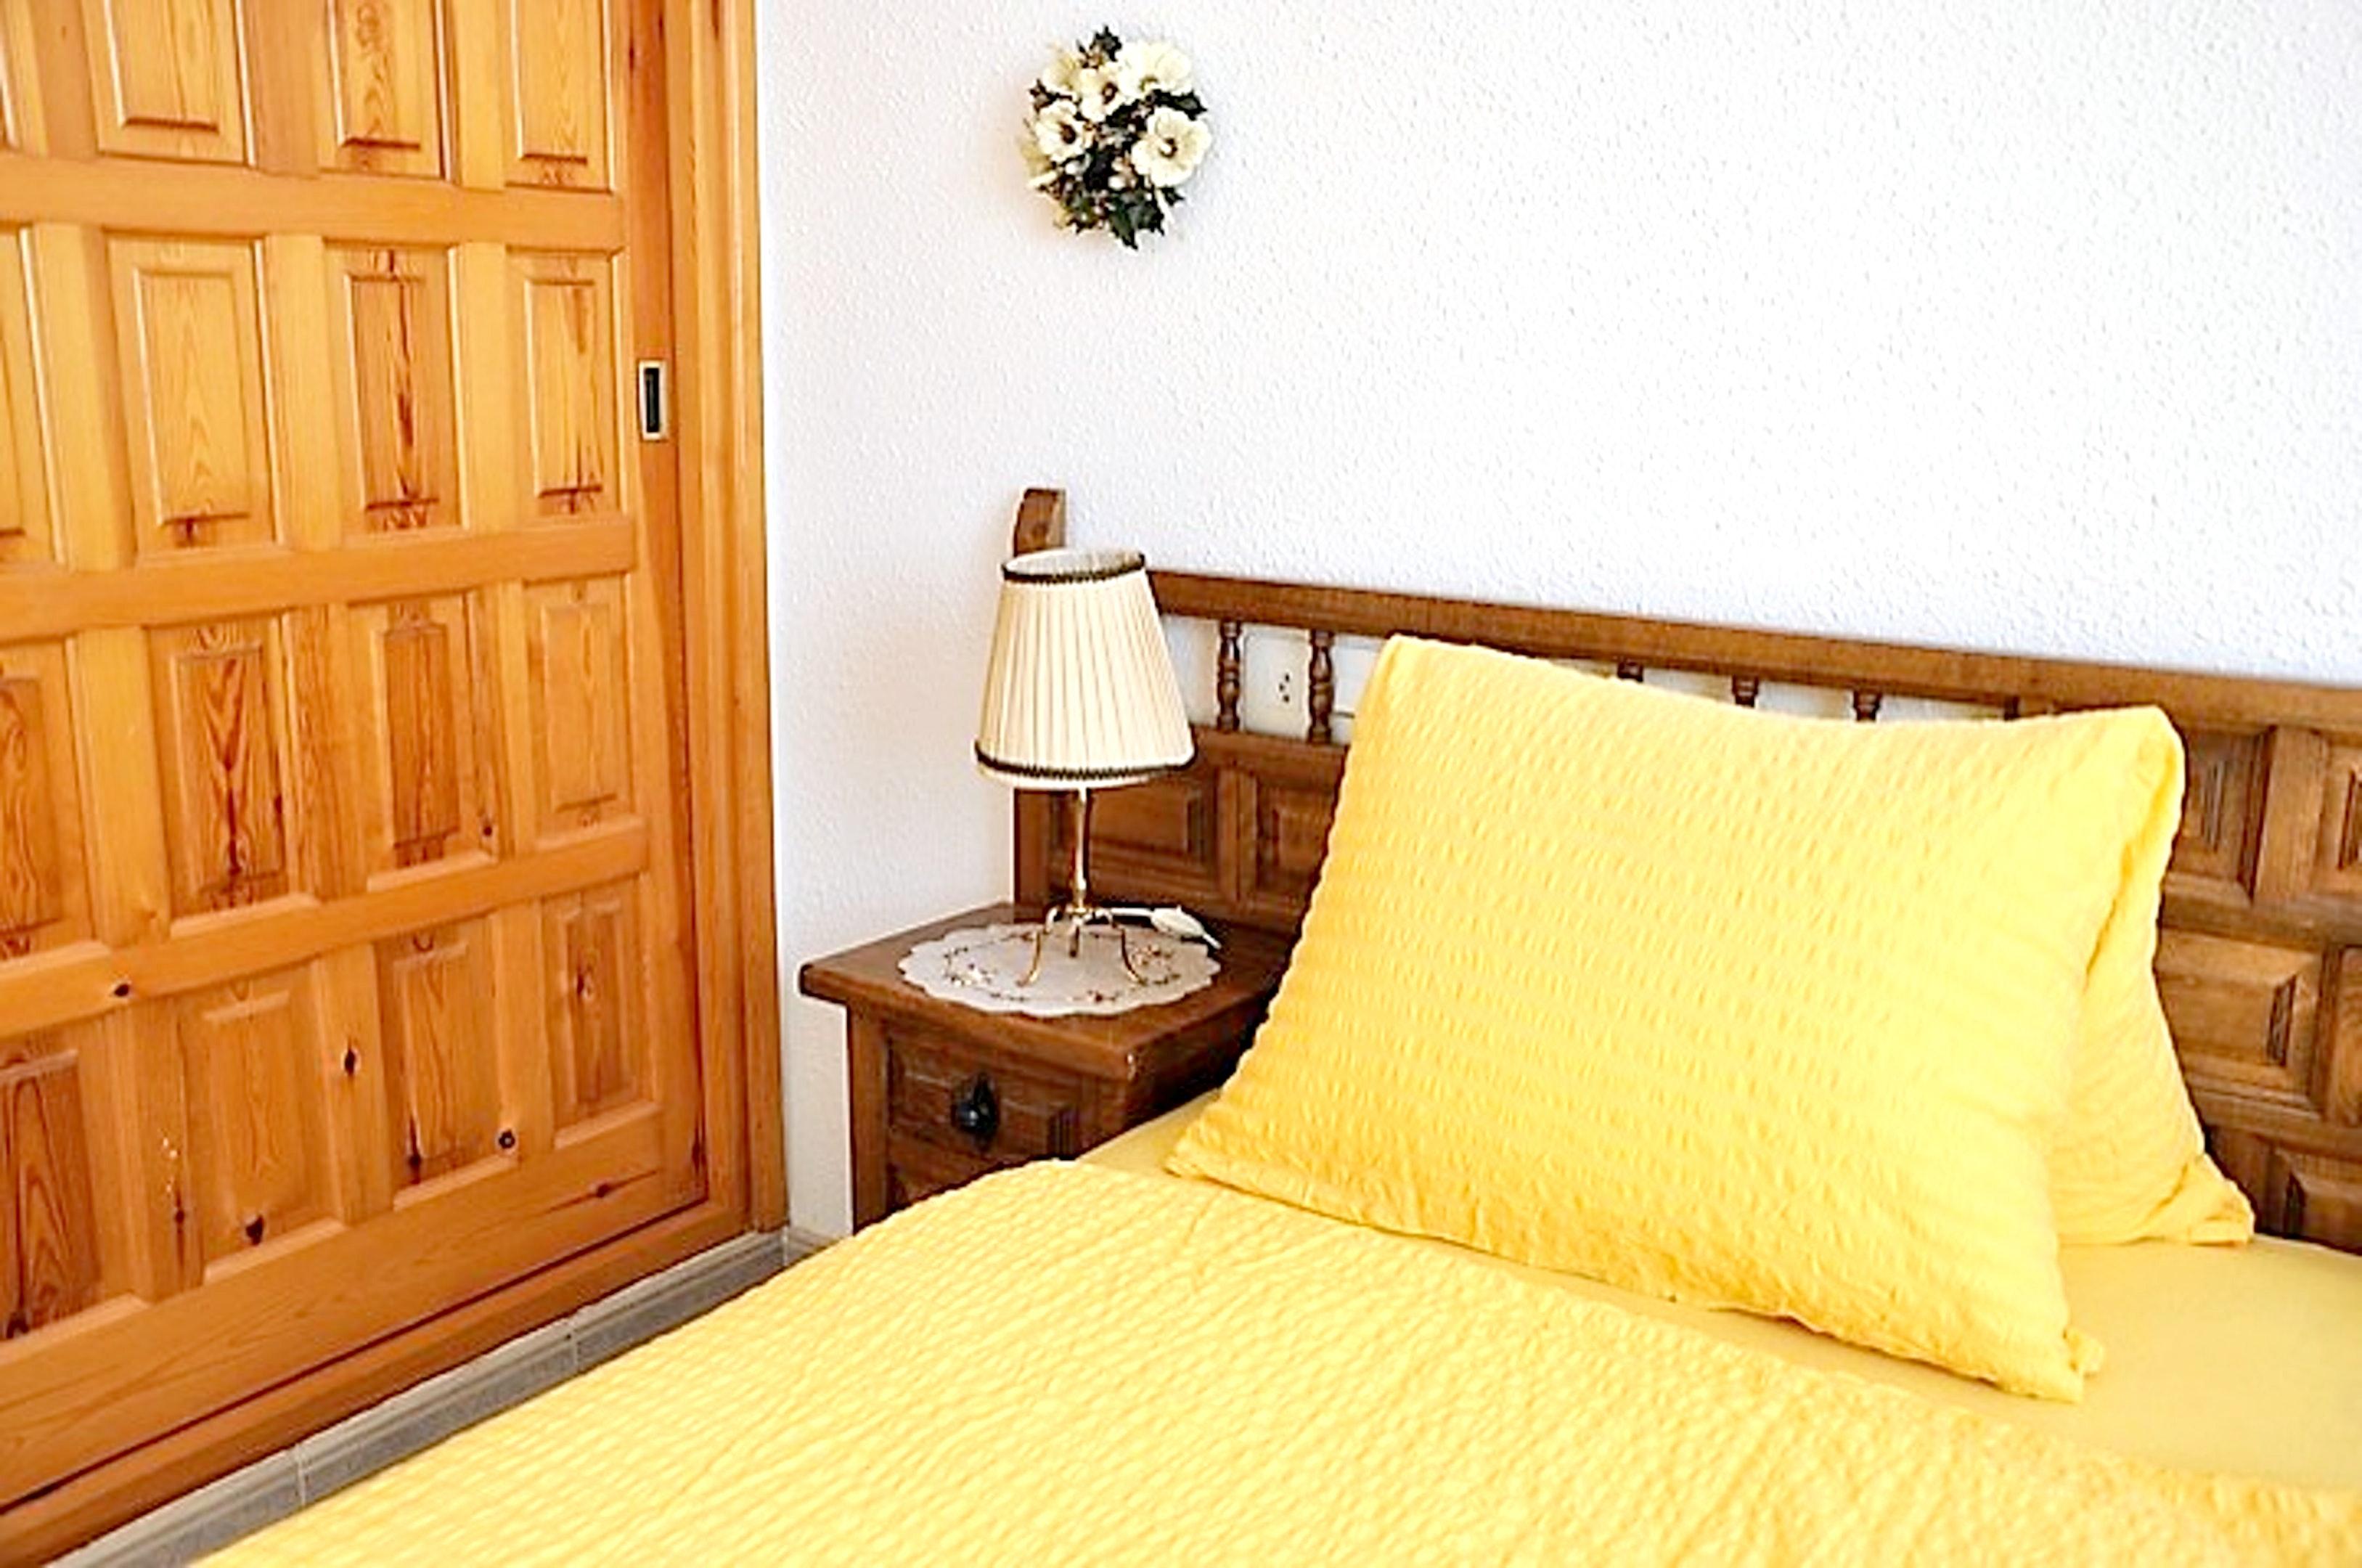 Ferienhaus Villa mit 3 Schlafzimmern in Ampolla mit herrlichem Meerblick, privatem Pool, möbliertem G (2201036), L'Ampolla, Costa Dorada, Katalonien, Spanien, Bild 13